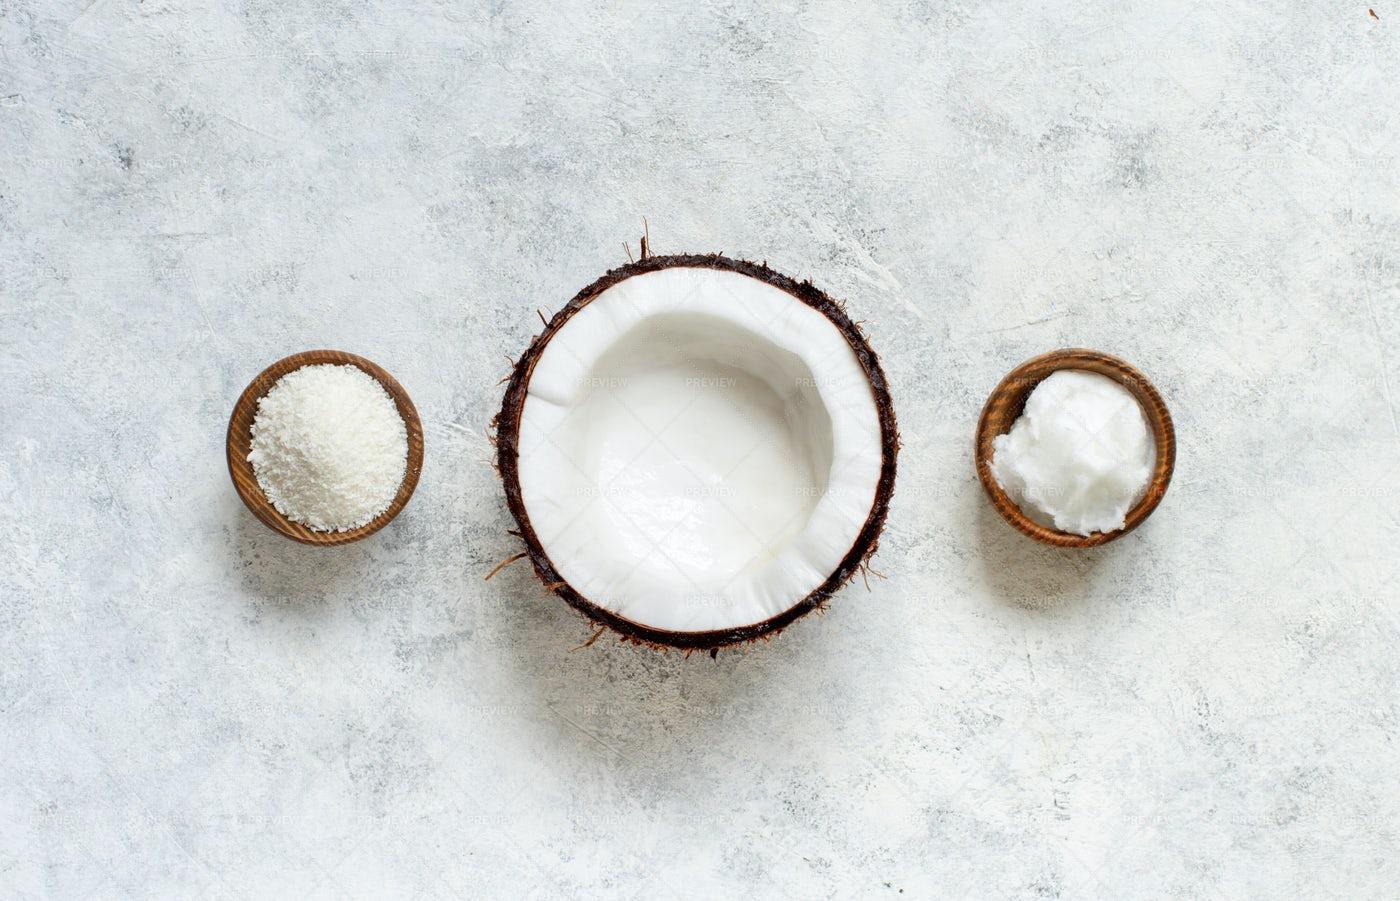 Coconut, Oil And Flour: Stock Photos